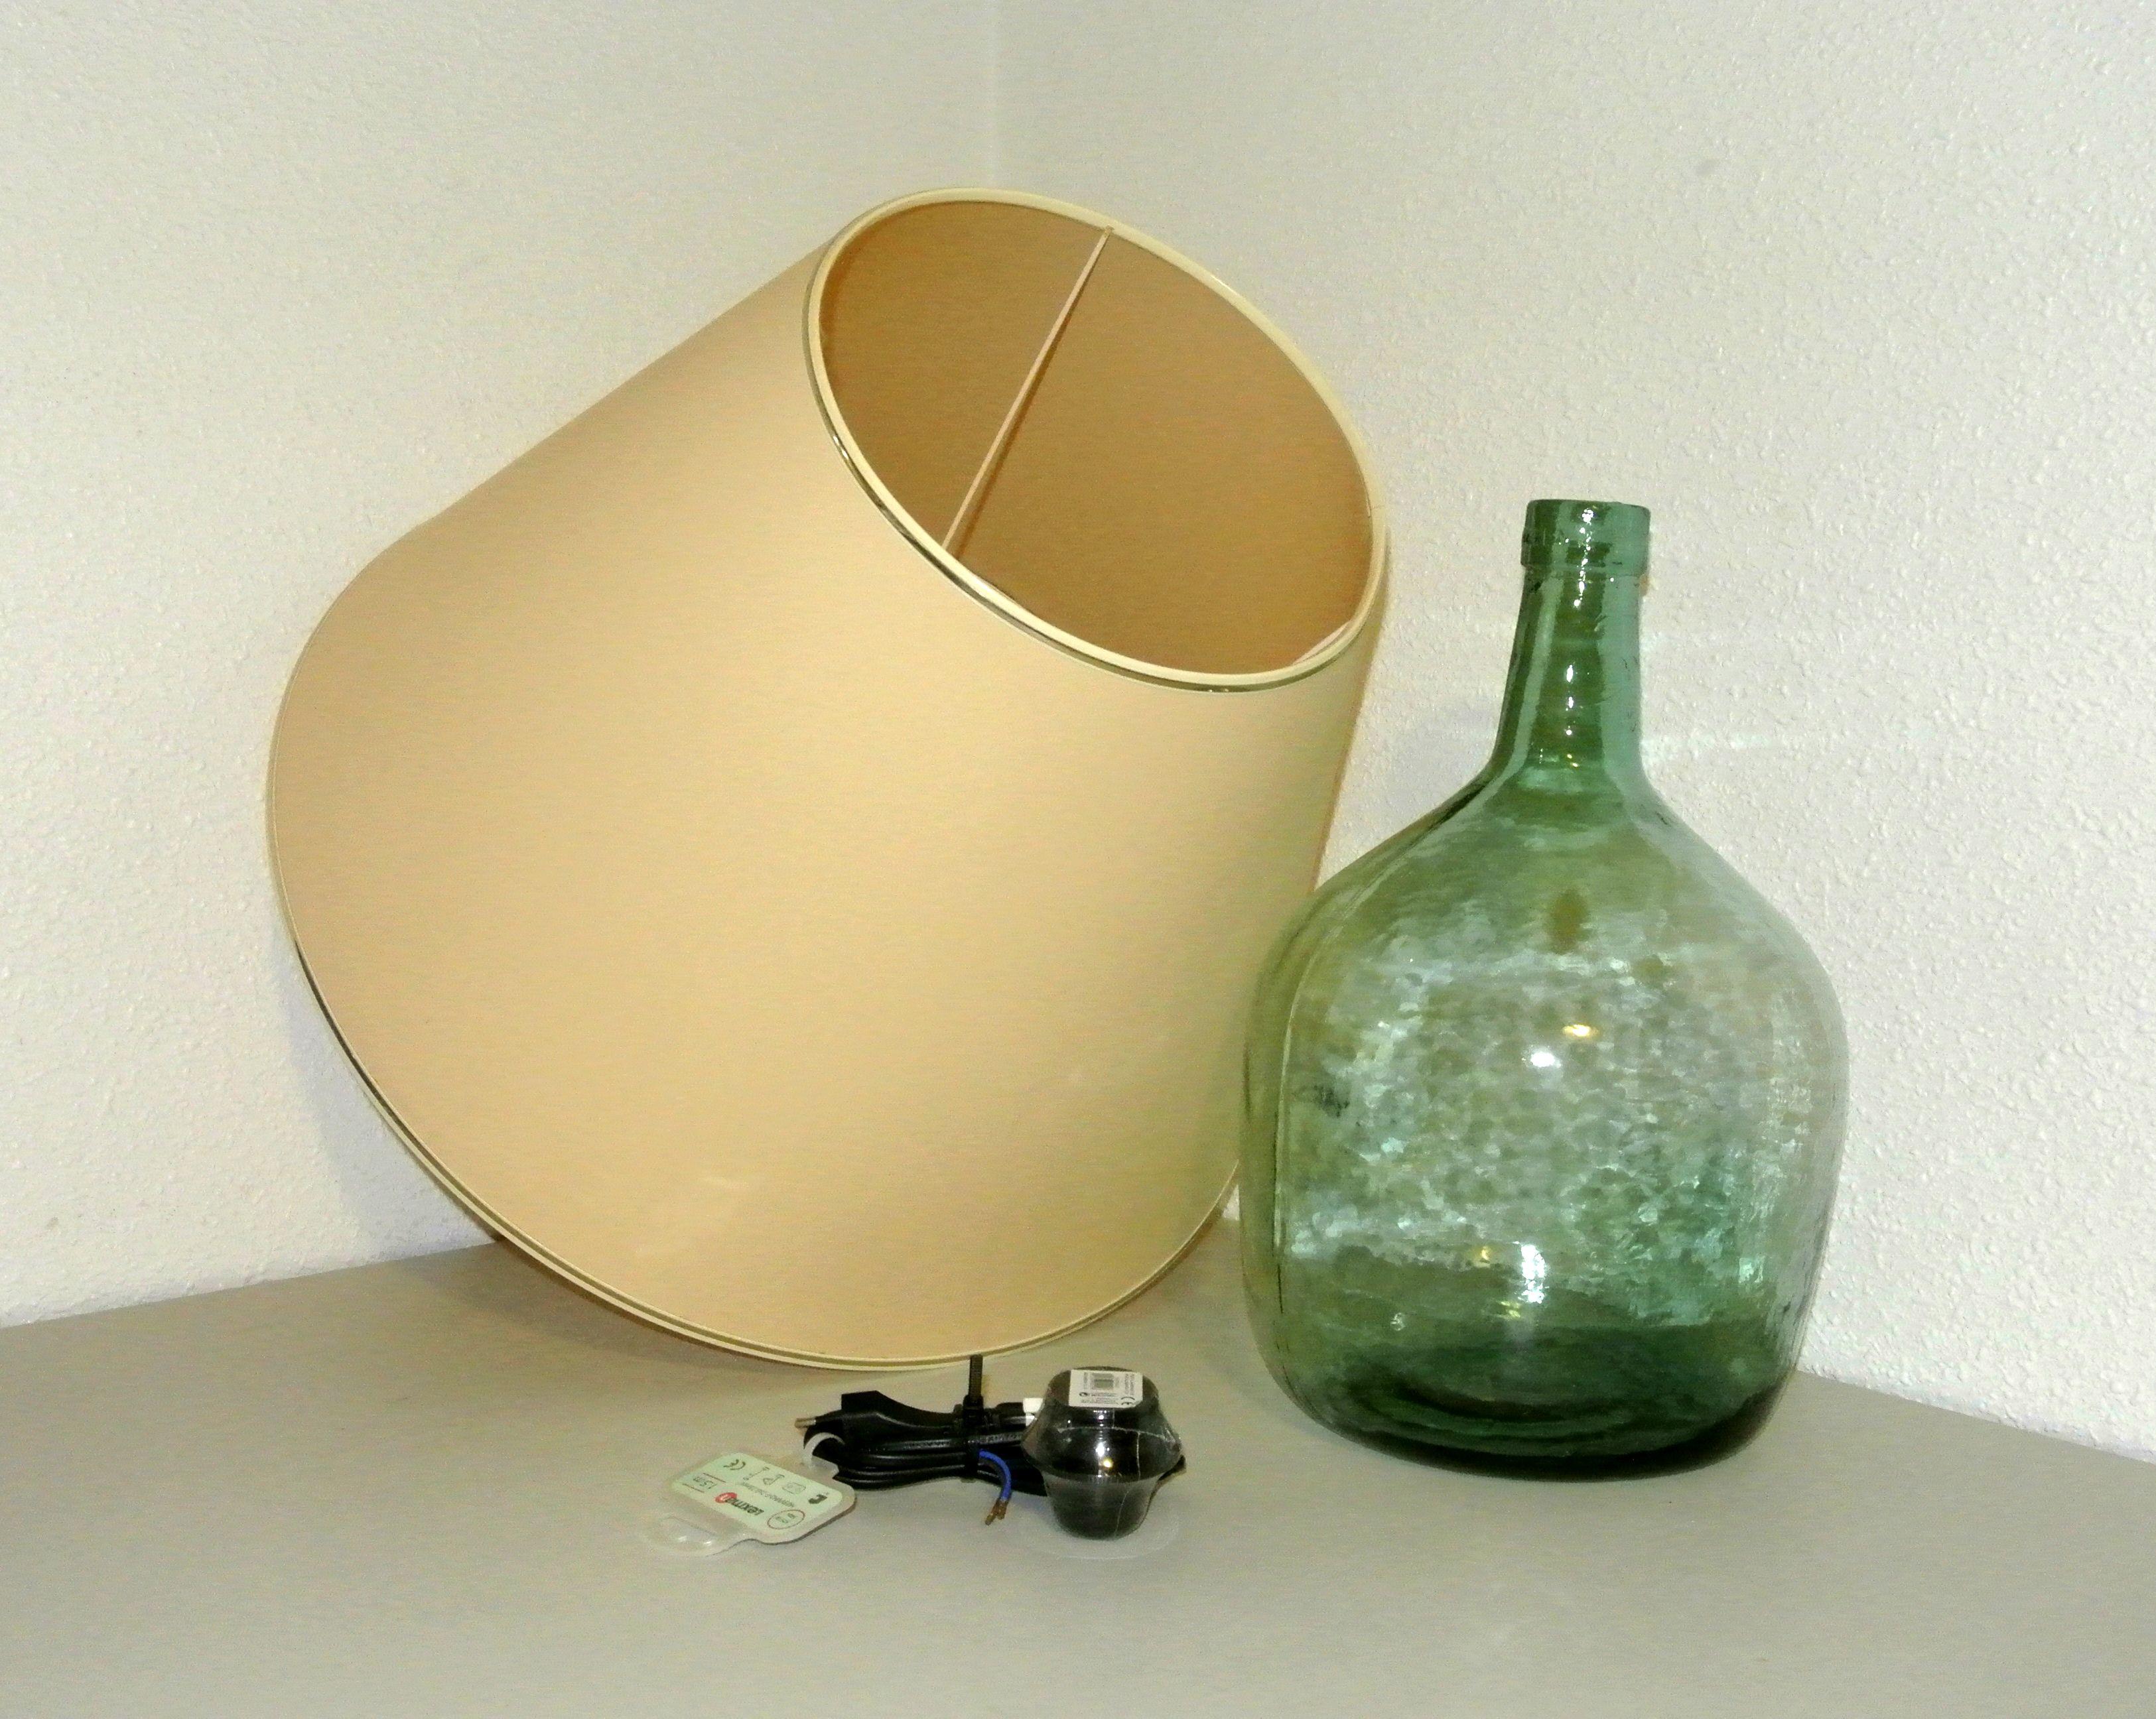 Como hacer una lampara con una botella materiales craft - Como hacer lamparas ...